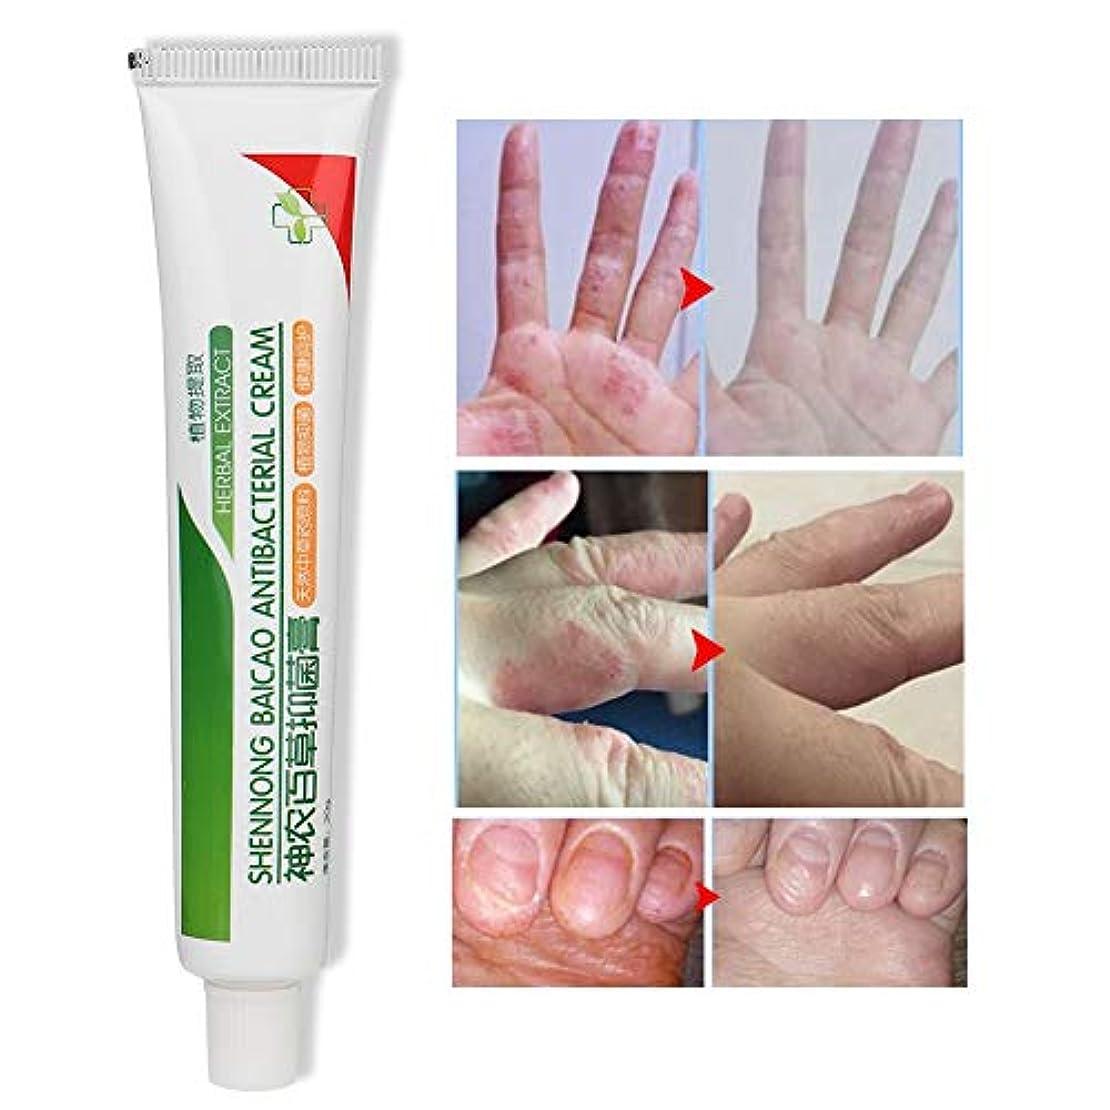 ボートアクティビティ小屋皮膚軟膏のリペアクリームリリーフ掻uri症皮膚アレルギー蚊かみ傷乾燥ひび割れ皮植物クリーム20g